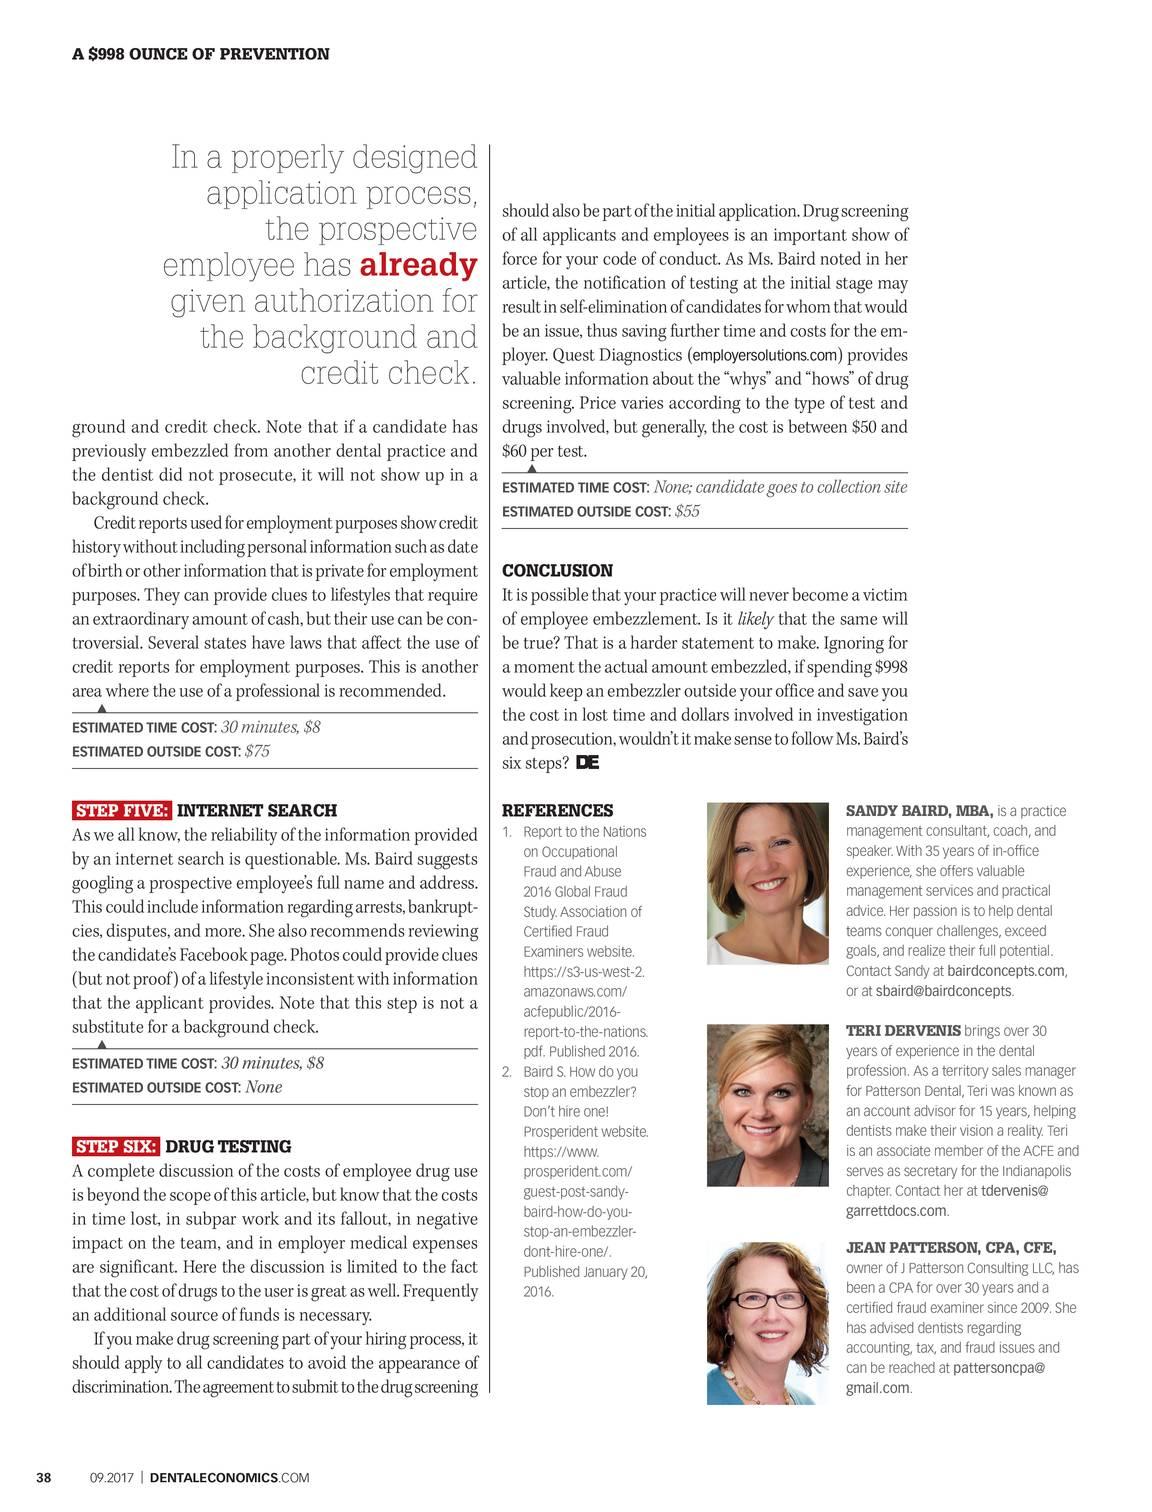 Dental Economics - September 2017 - page 37